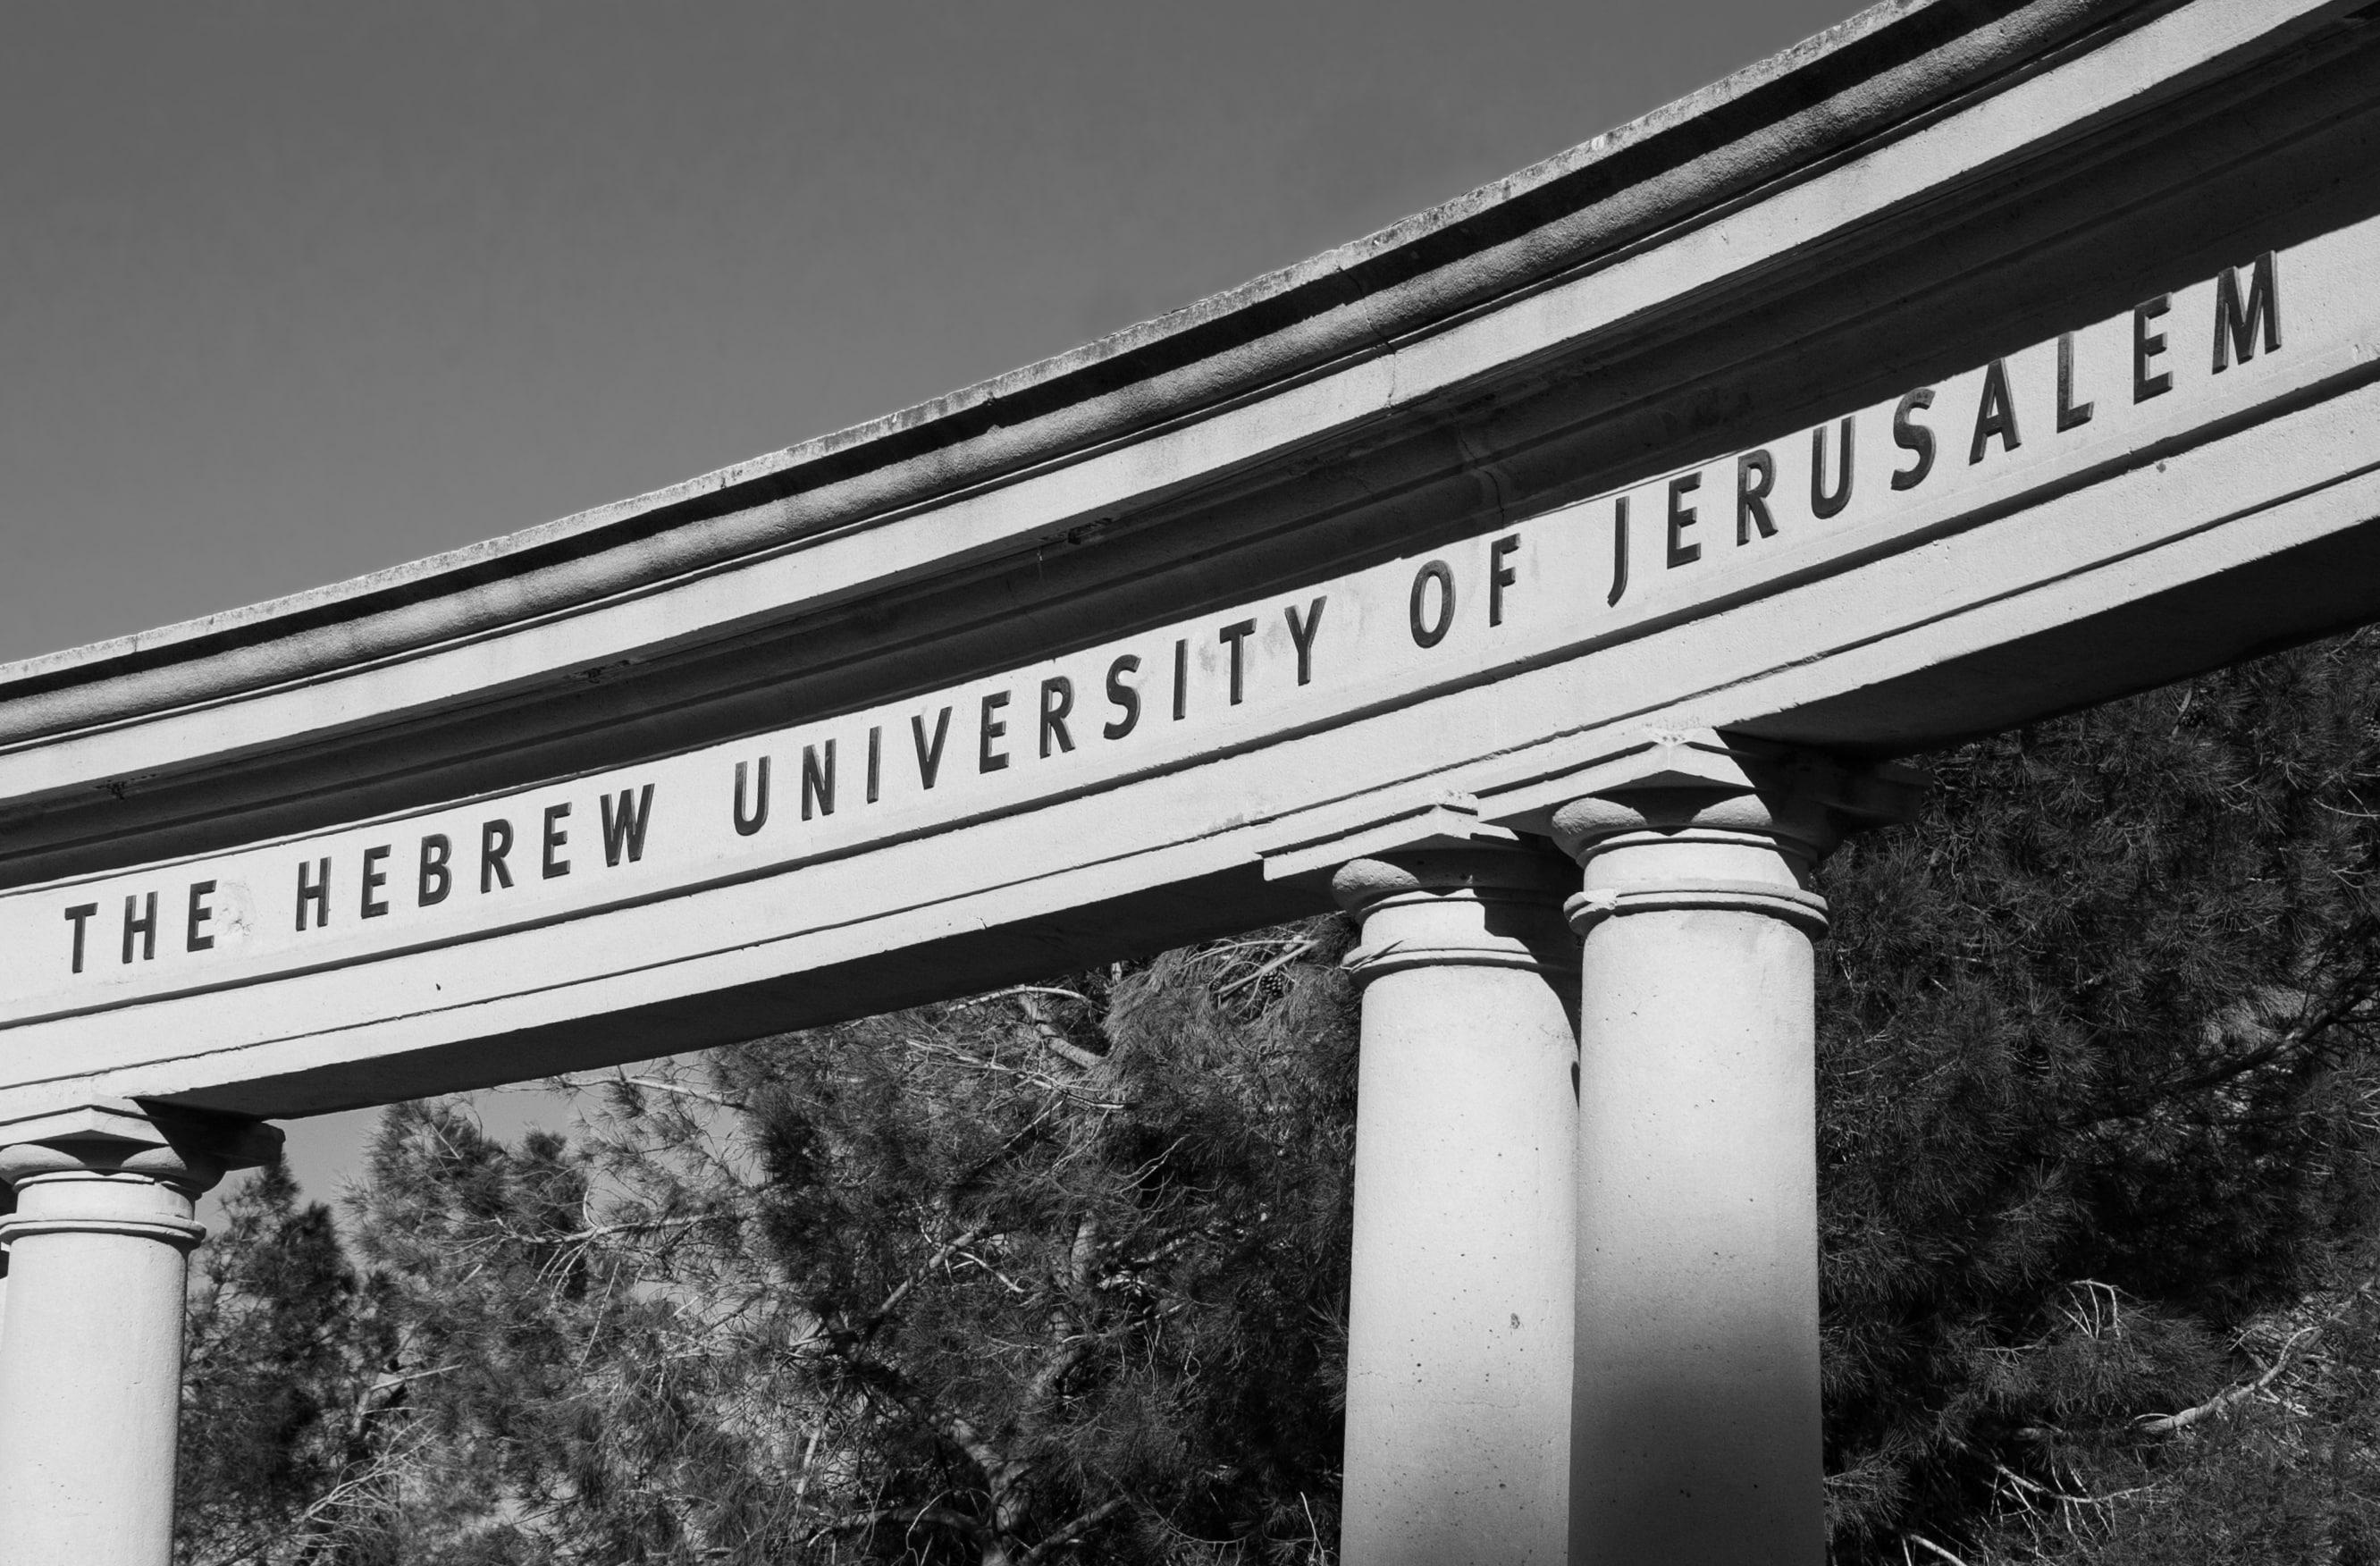 סגירת תיק משמעתי לסטודנט באוניברסיטה העברית שנחשד בהונאה בעבודת גמר